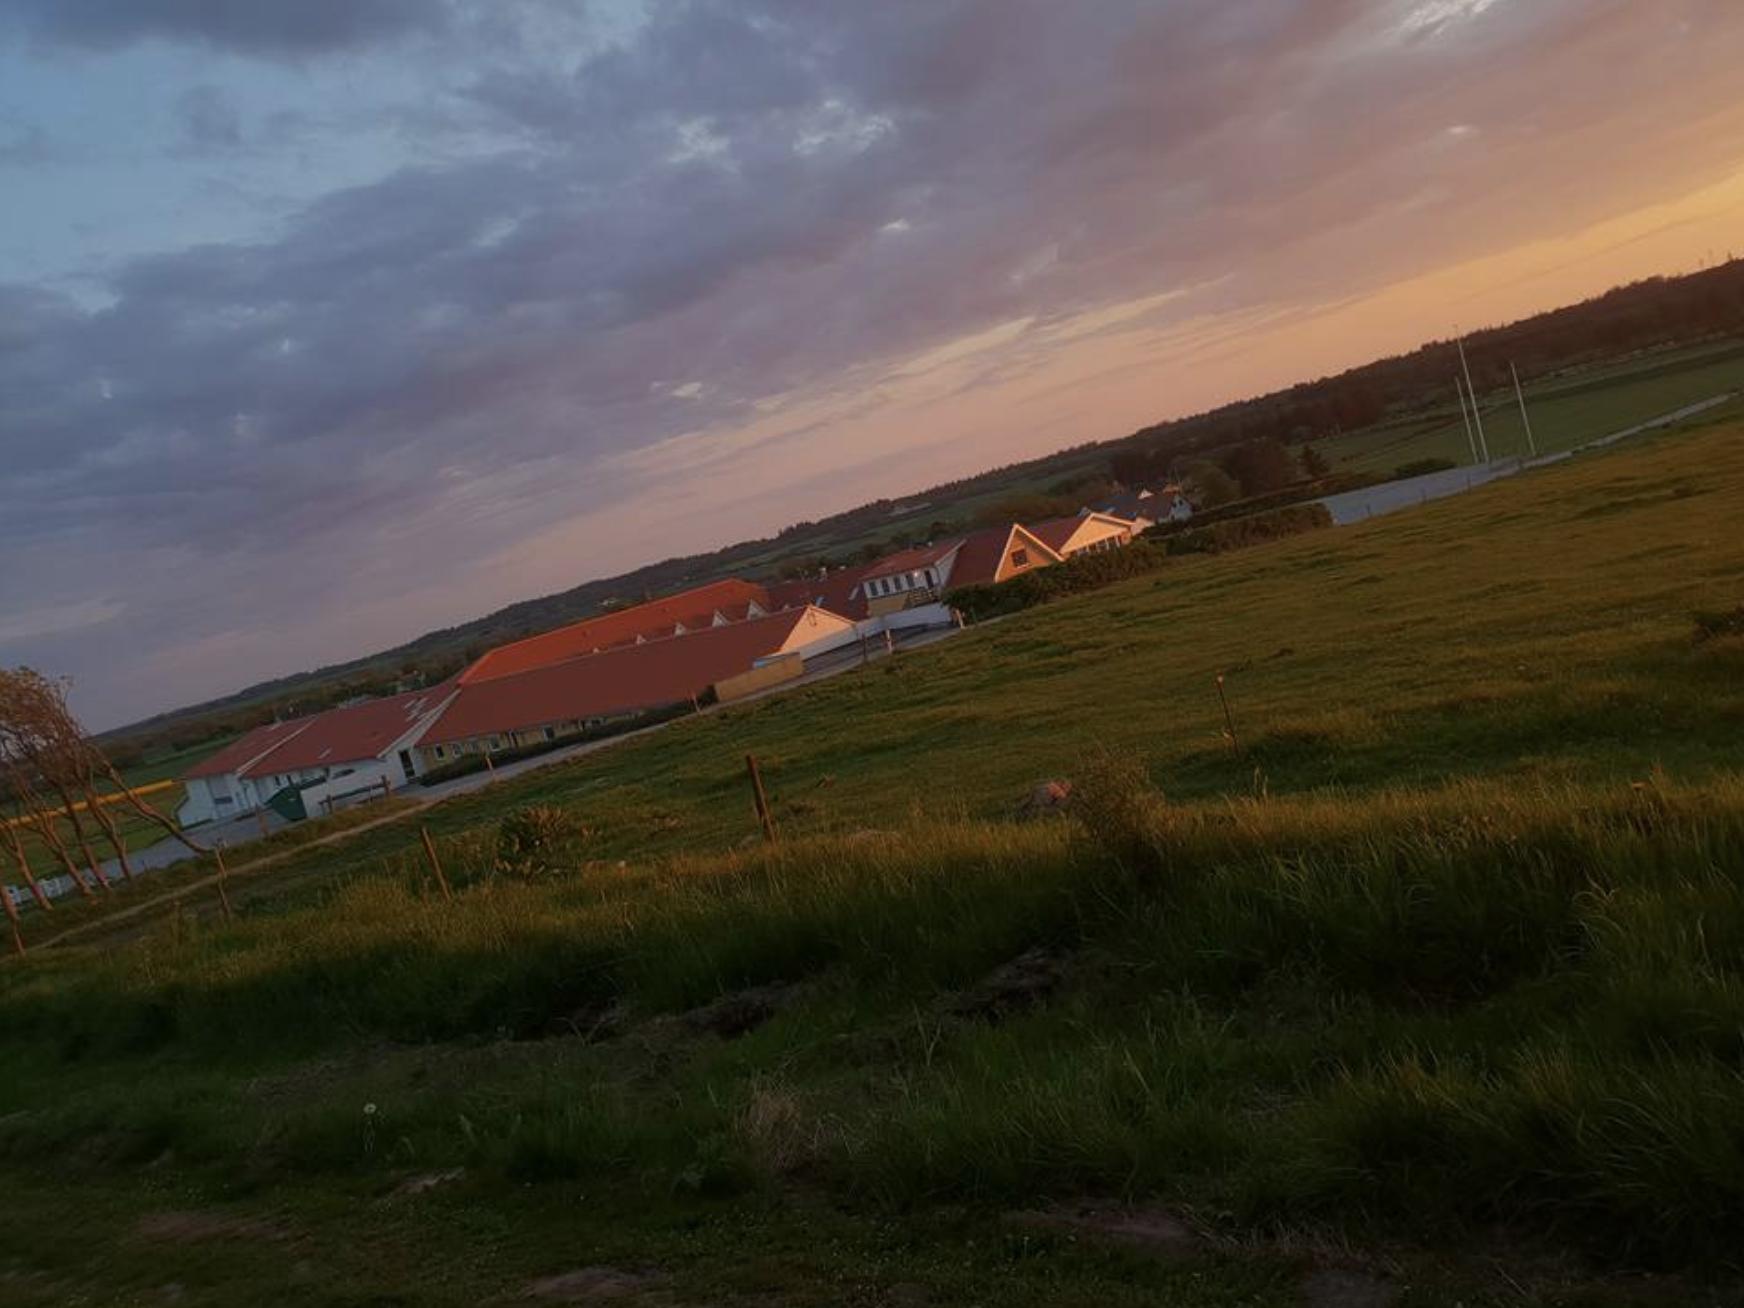 Solnedgang over Højgaarden